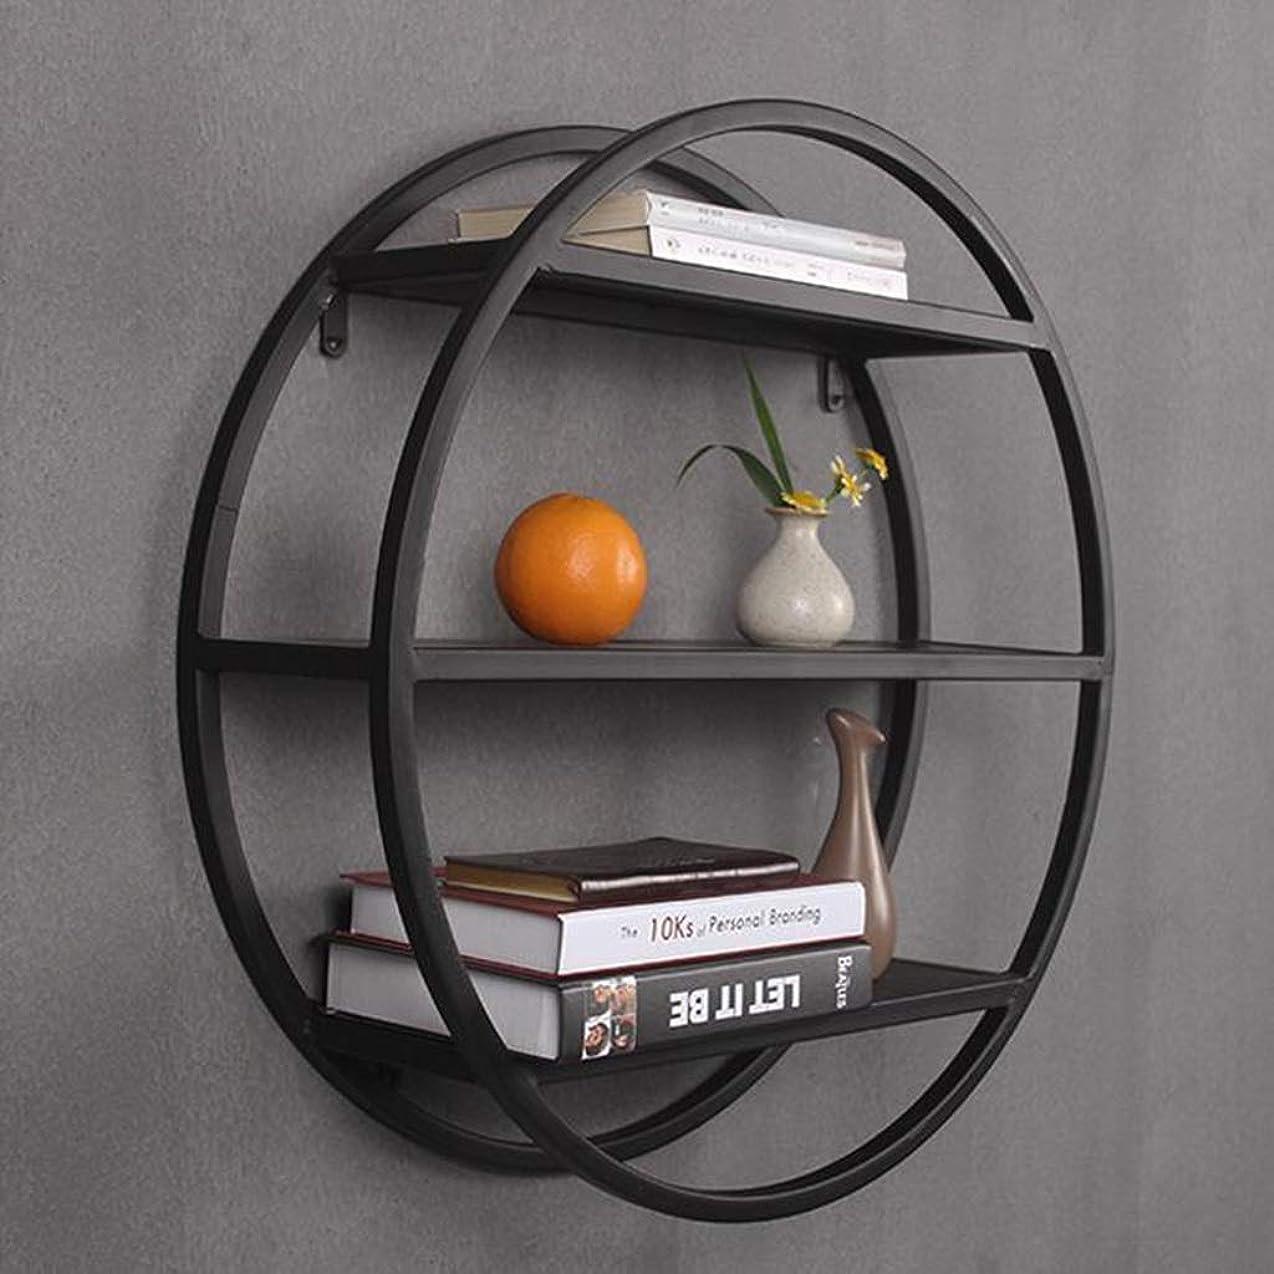 グラム読みやすさ促すHTTDIAN 北欧錬鉄製の壁の本棚/壁掛けラック/ラウンドホーム壁掛け装飾フレーム (Color : Black, Size : 40cm)